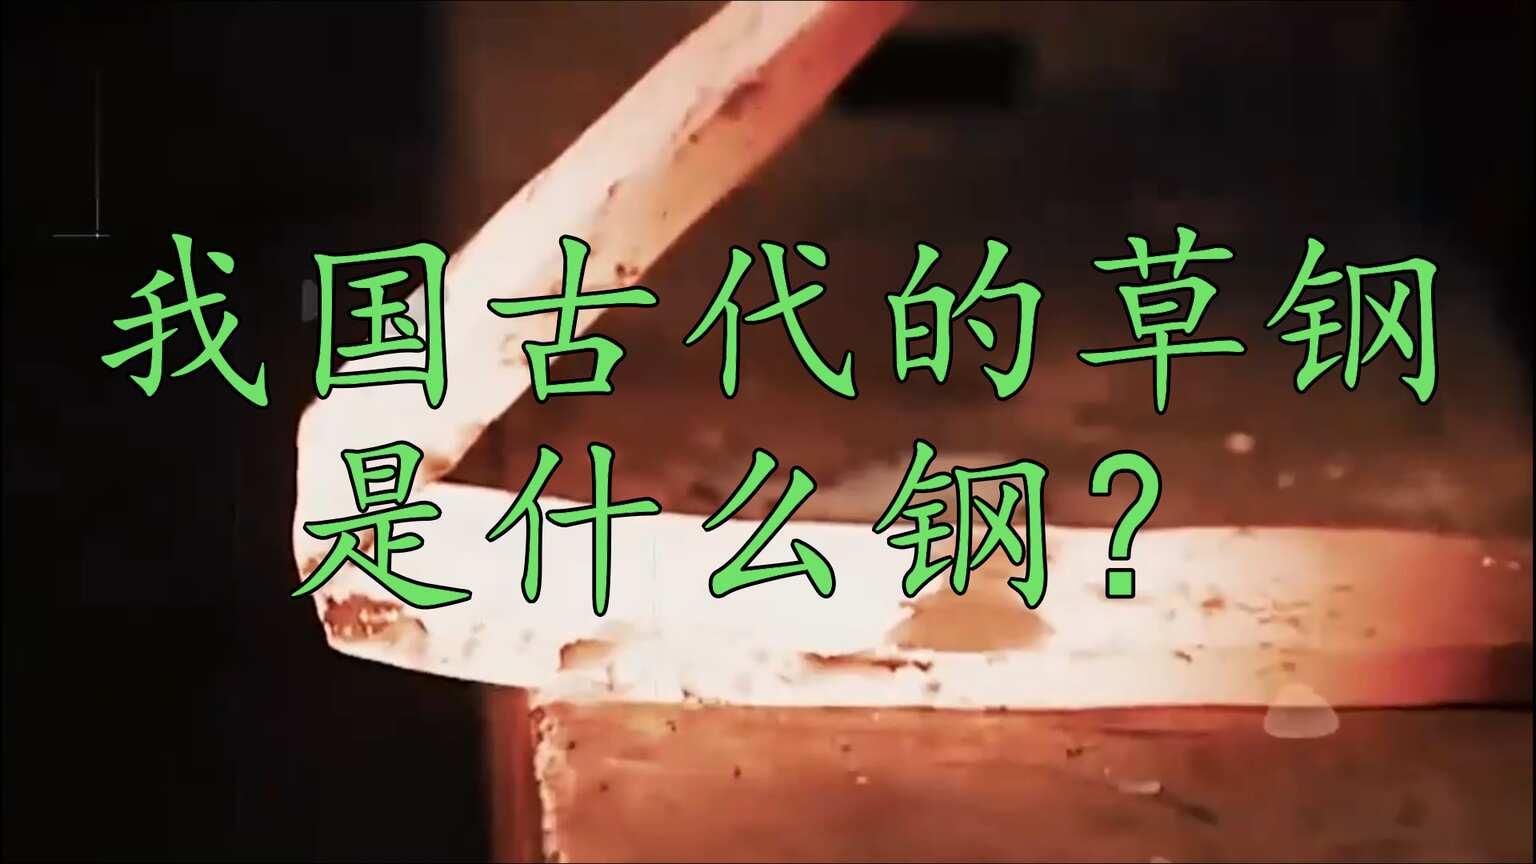 我国古代的草钢是什么钢?它又是怎么炼成的呢?